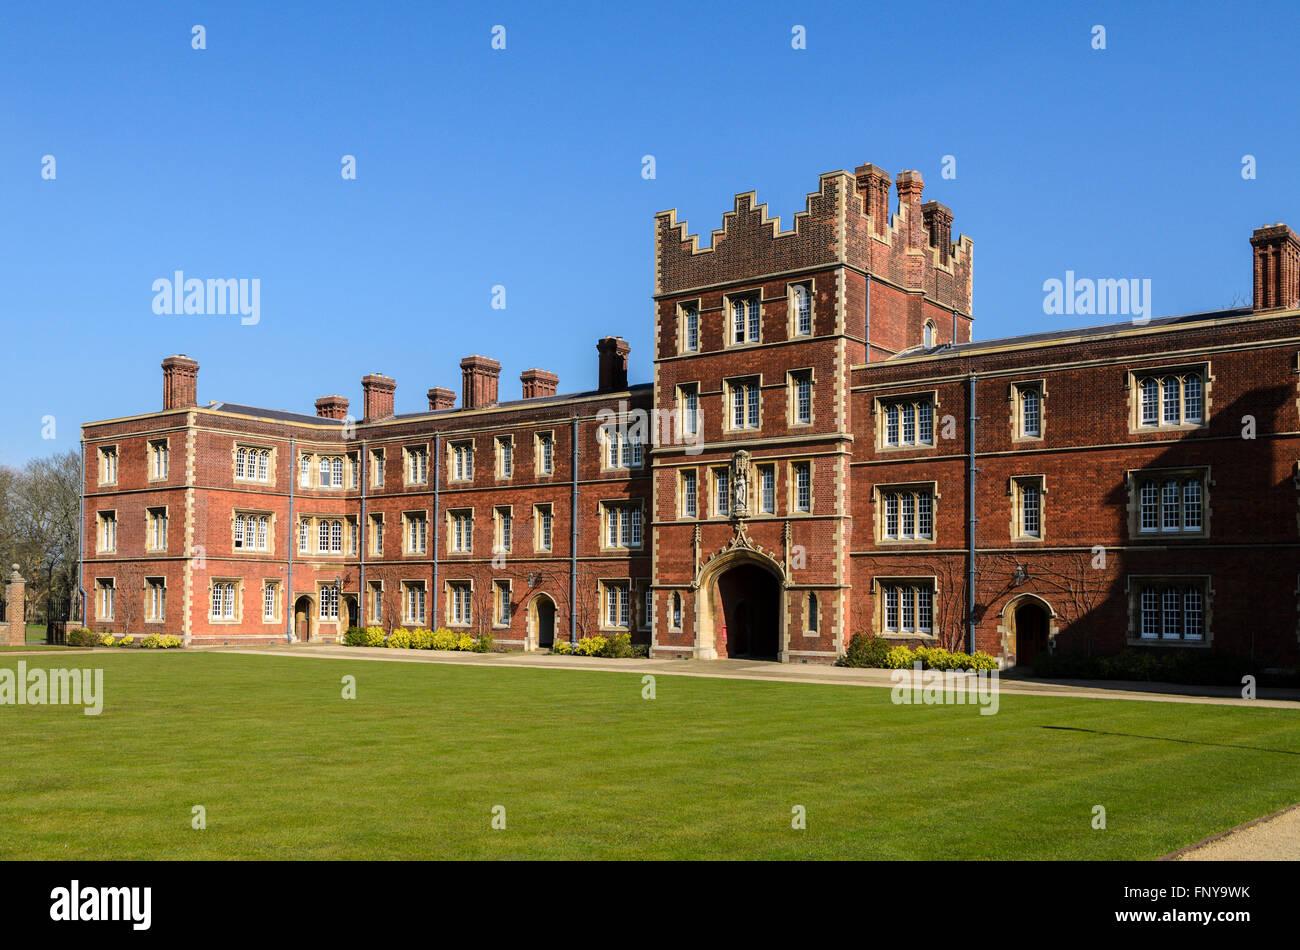 Jesus College, University of Cambridge, Cambridge, England, UK. Stock Photo